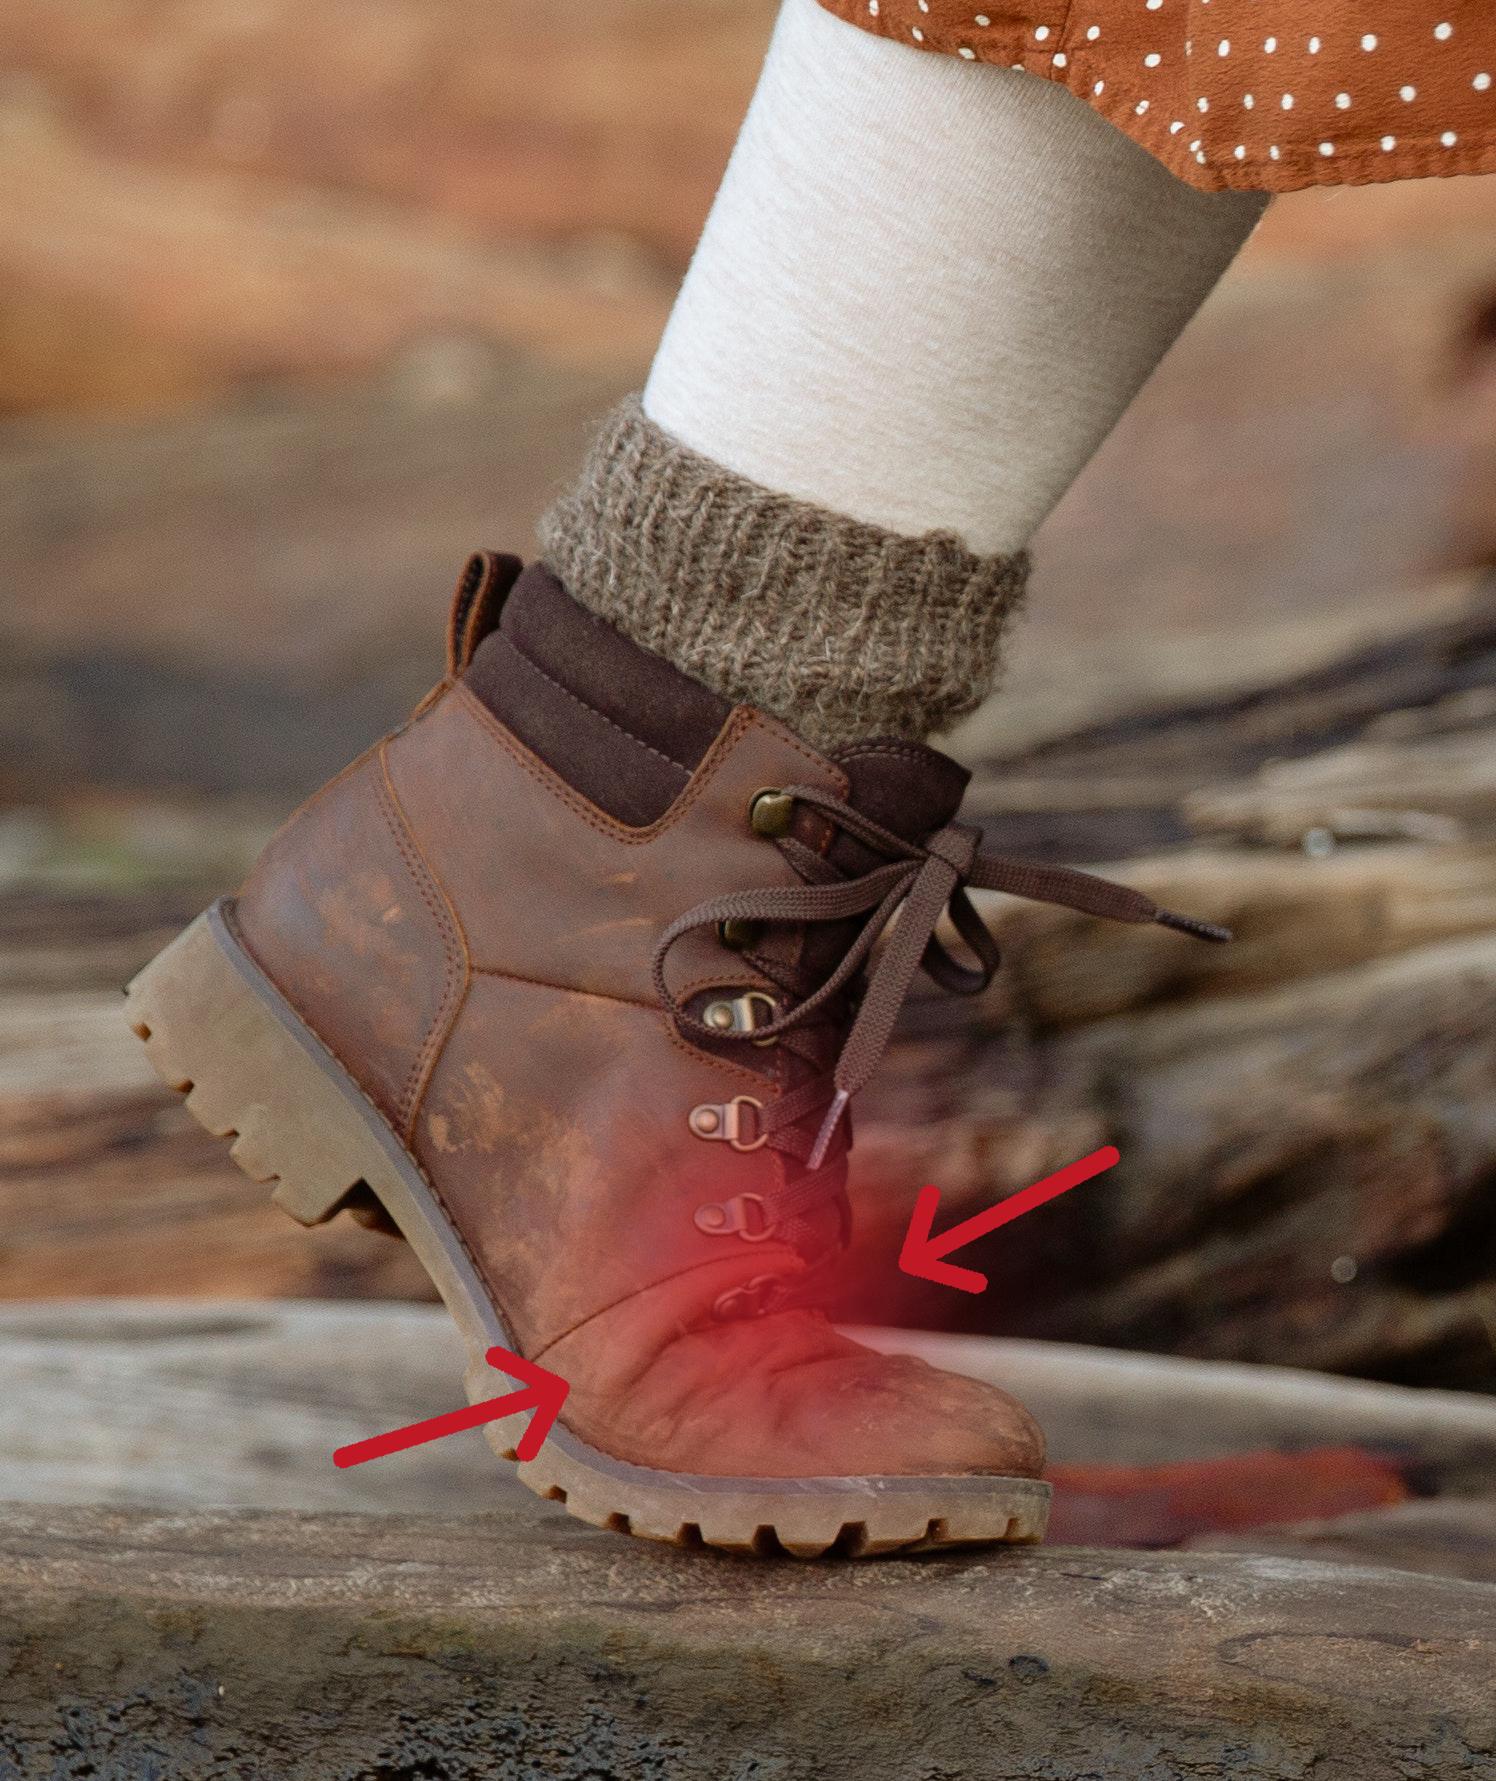 chaussure avec pliure - mauvaise chaussure de marche - problème chaussures de marche - douleurs à la marche - douleurs pieds seniors